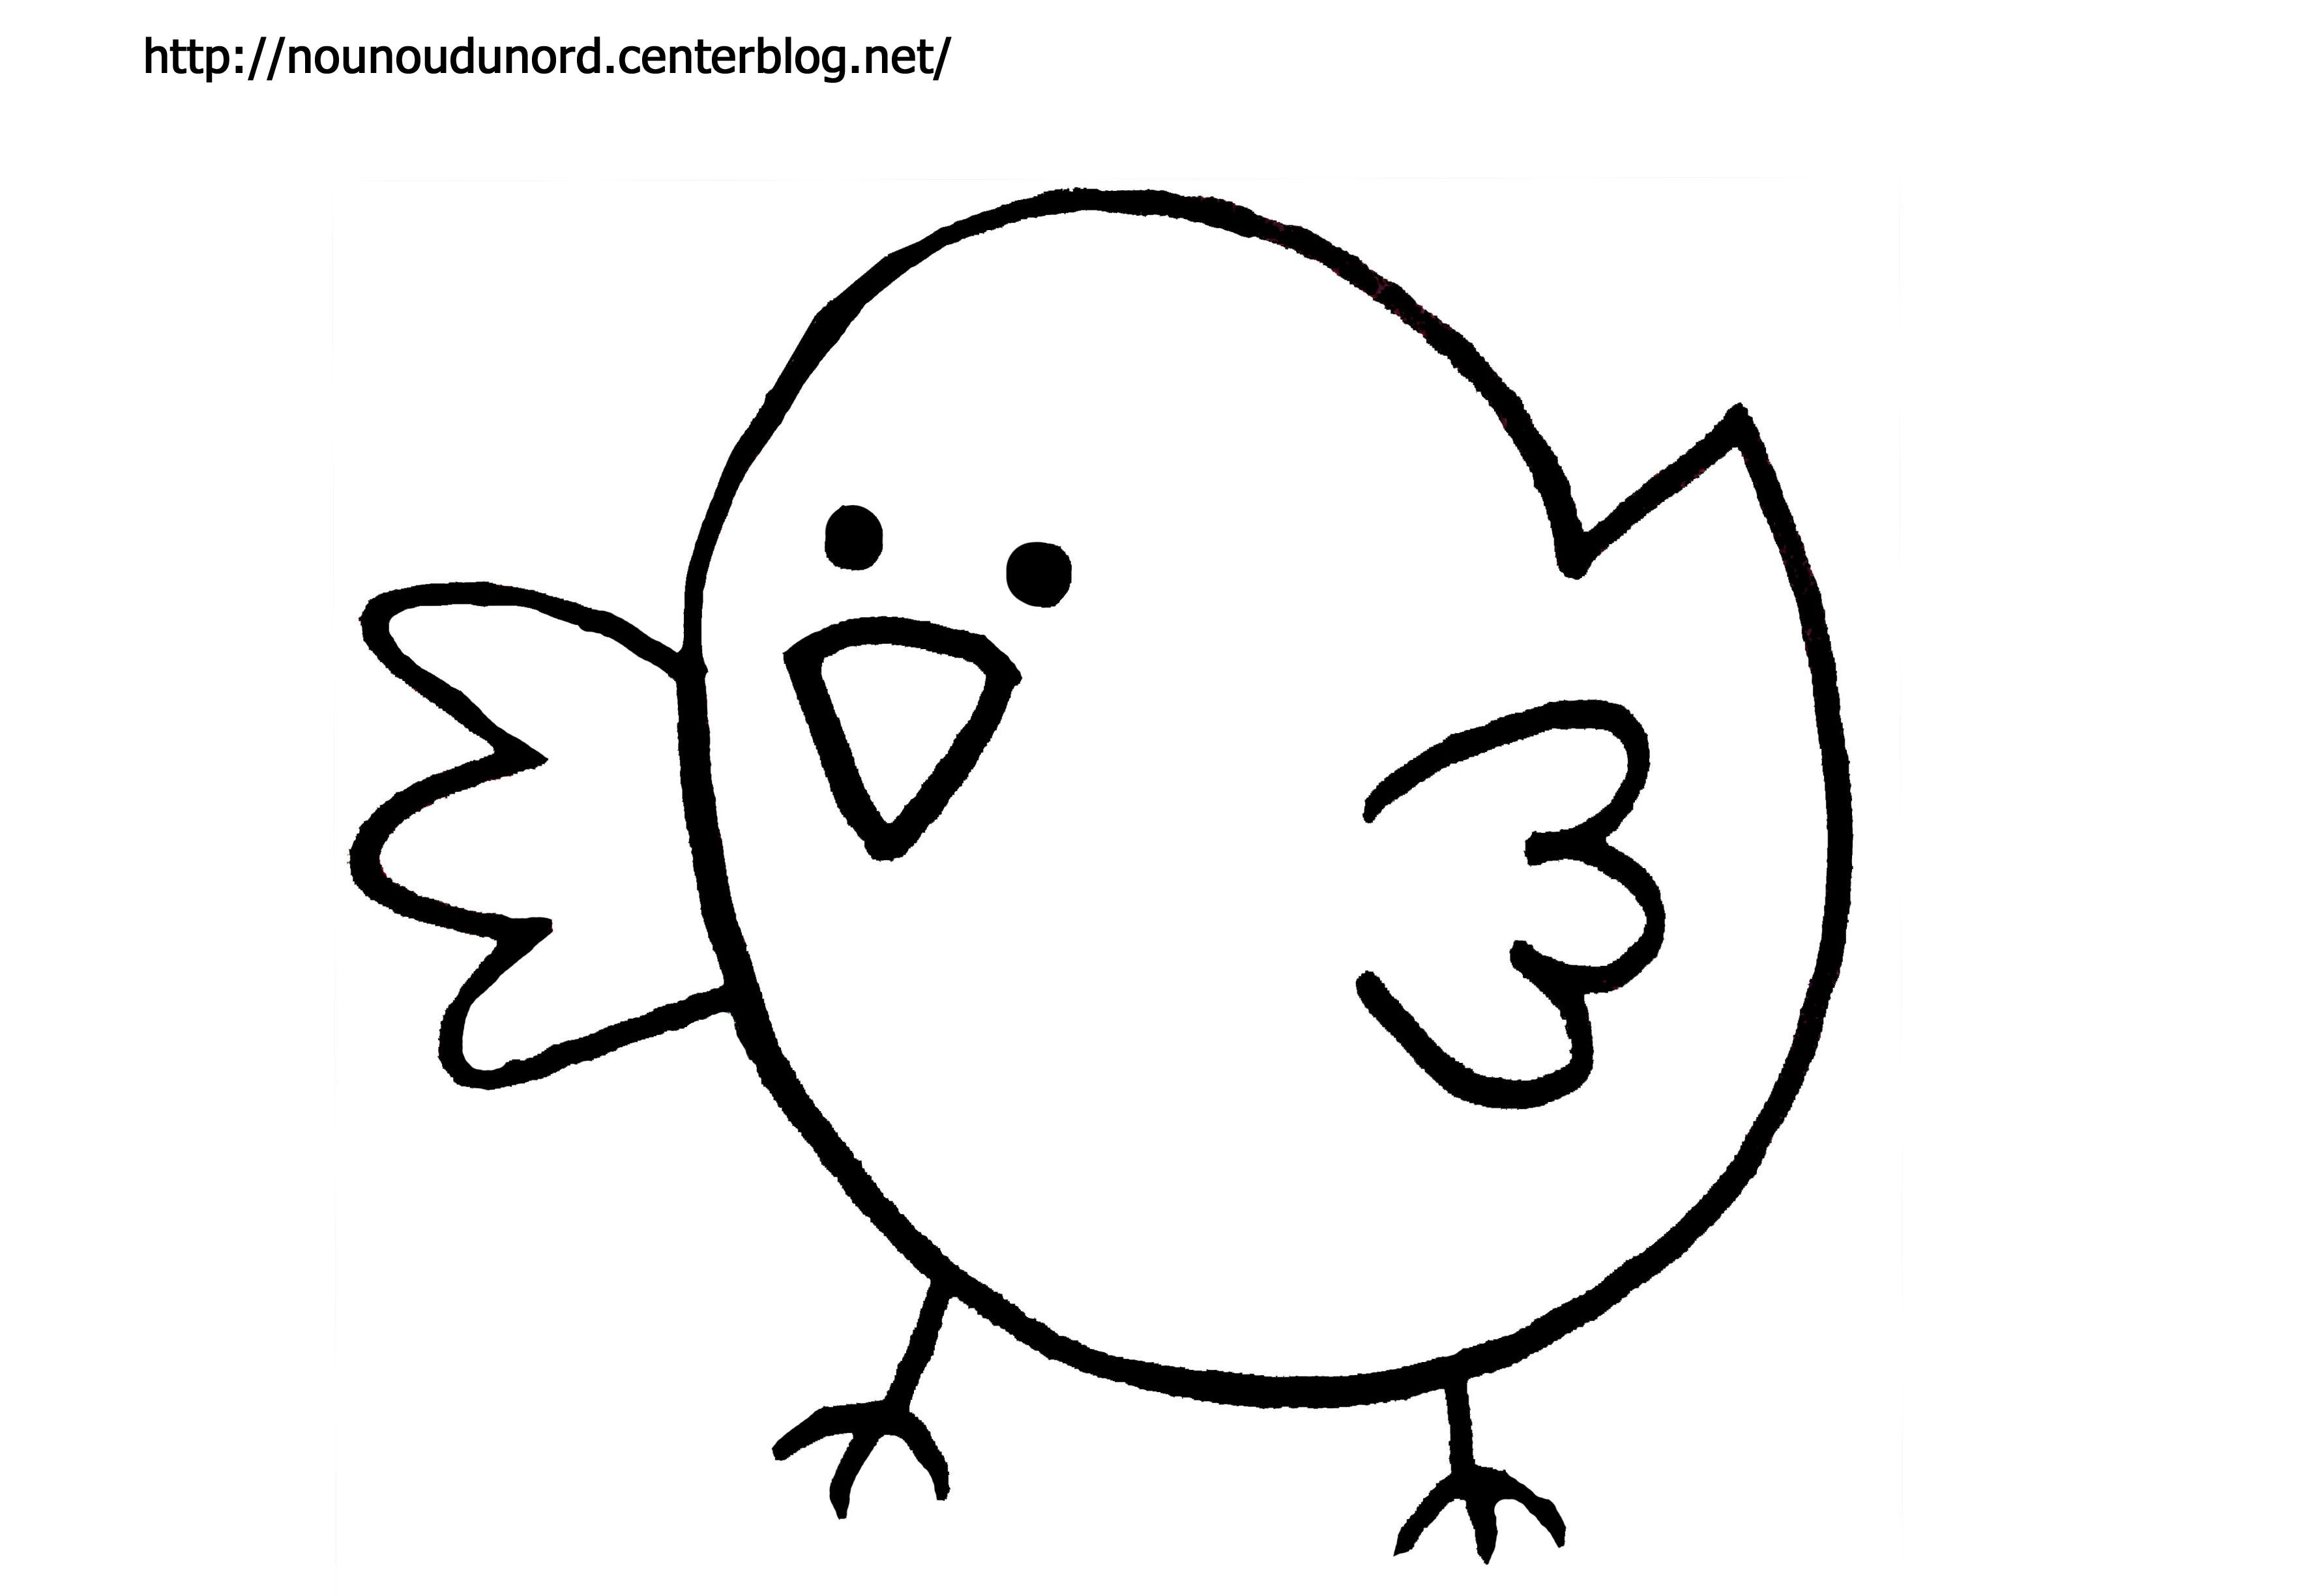 Coloriage Poussin Gratuit À Imprimer Et Colorier - #13623 destiné Coloriage Poule De Pâques À Imprimer Gratuit